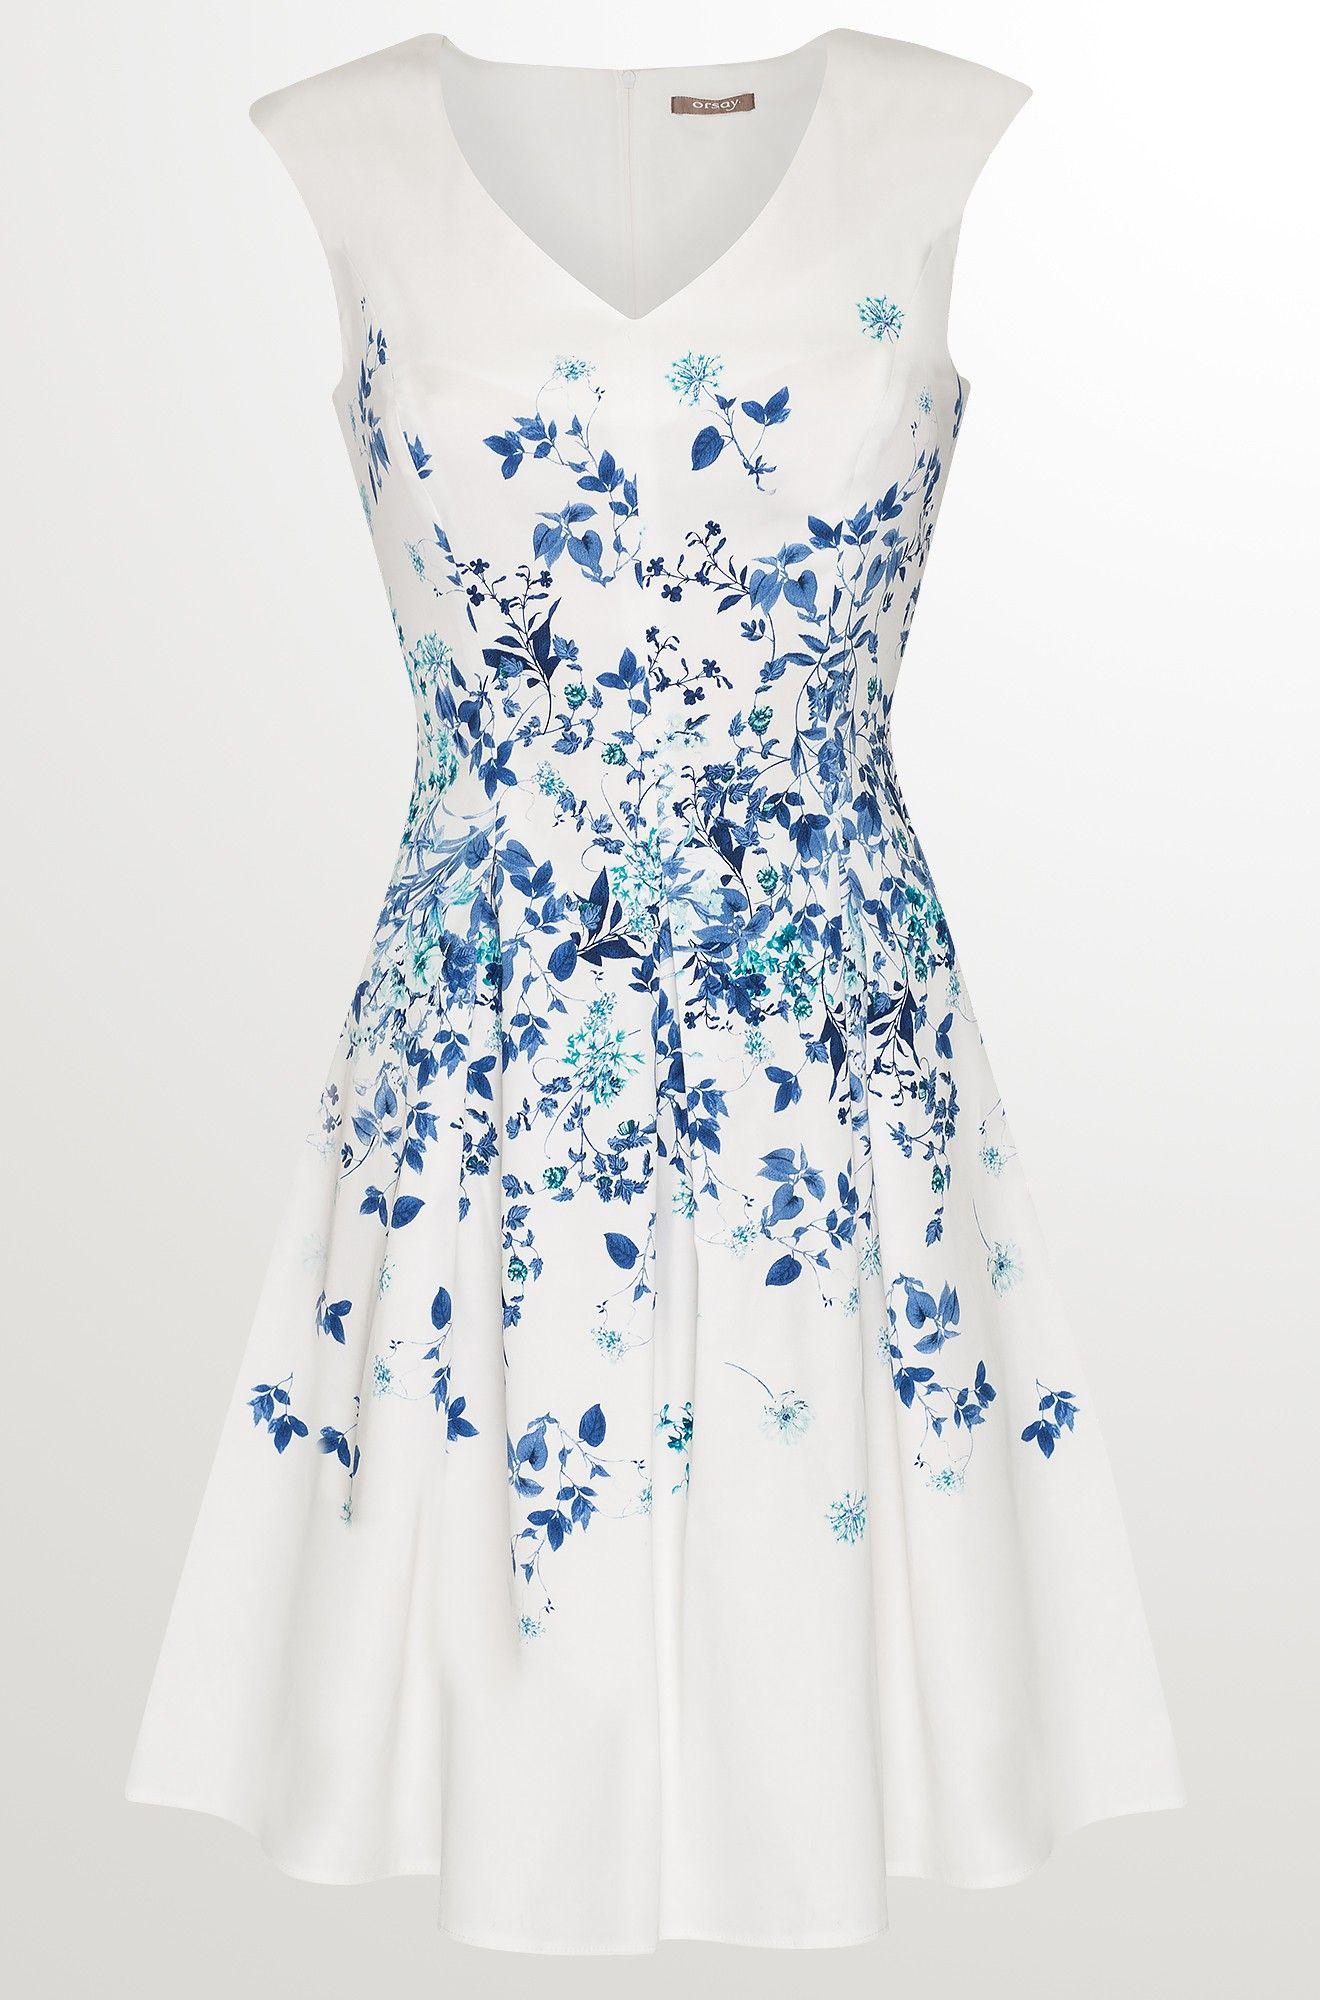 Ärmelloses Kleid in Glockenform  Kleider, Kleidung, Schöne kleider